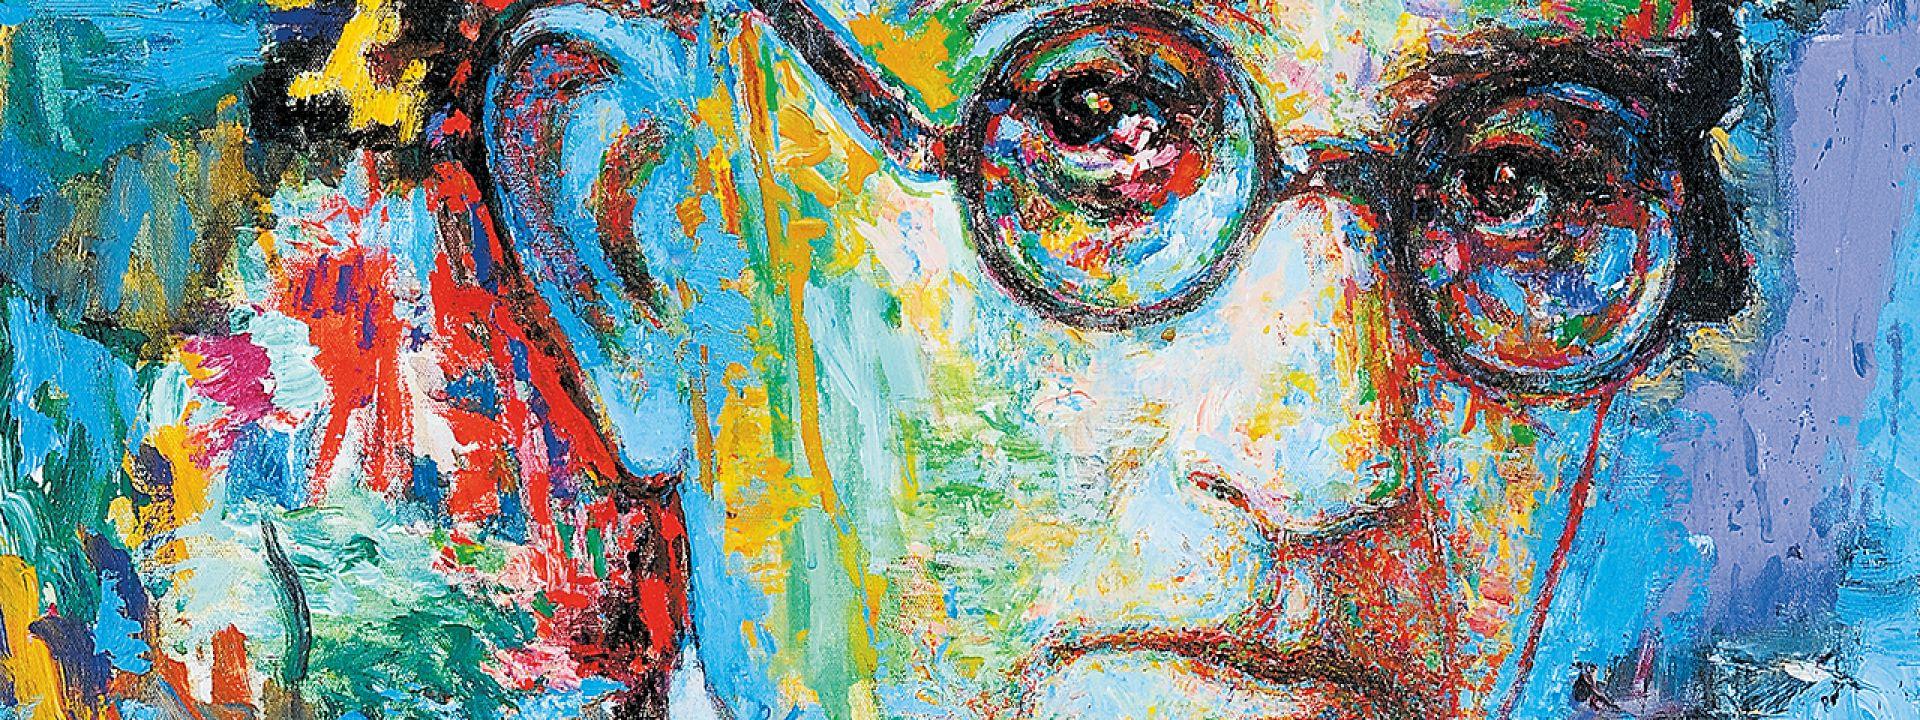 Φωτογραφία από πορτρέτο του Καβάφη, δημιουργία του Γιάννη Ψυχοπαίδη